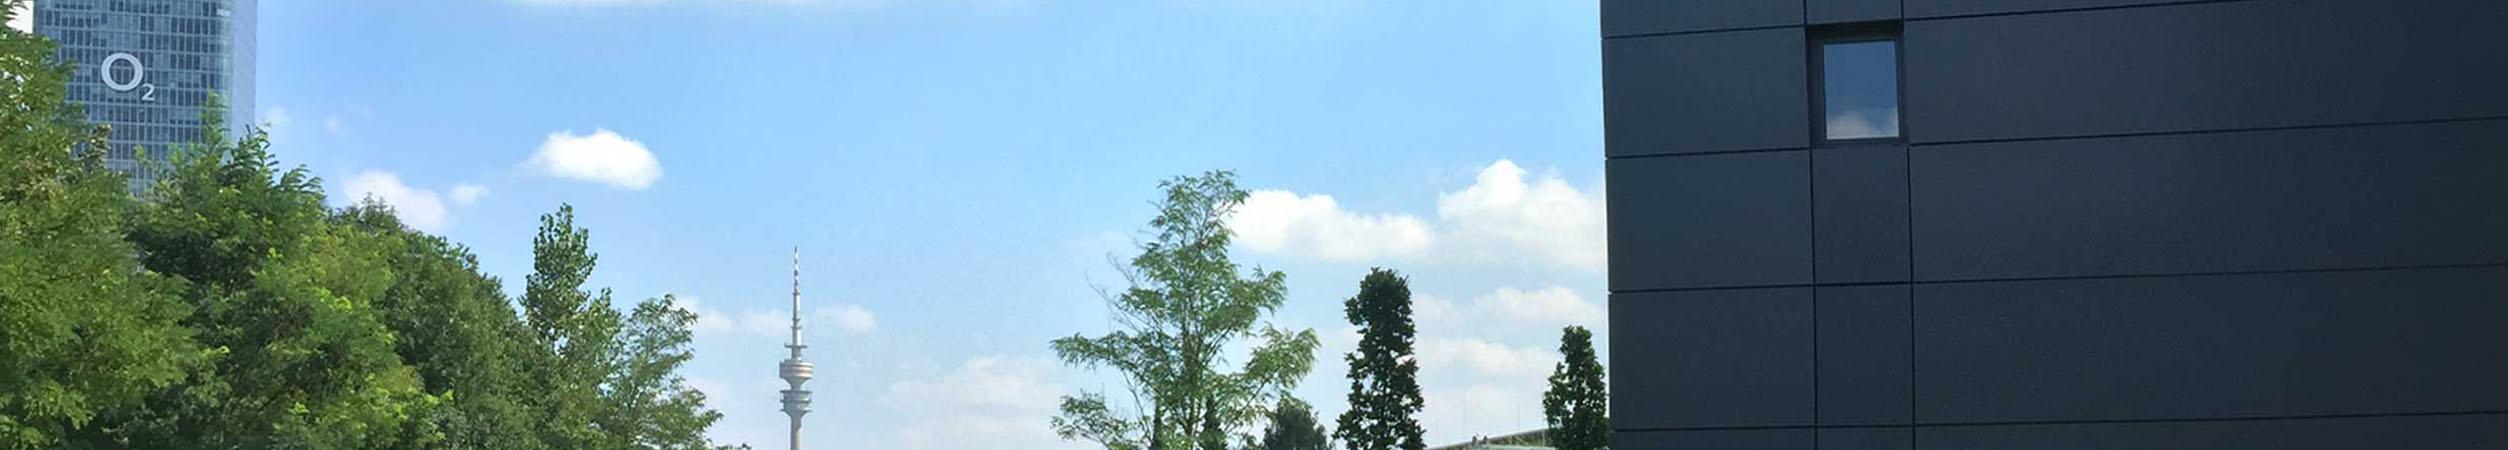 Zu sehen ist die Aussicht von Firmensitz der Tarifhaus Ag in München